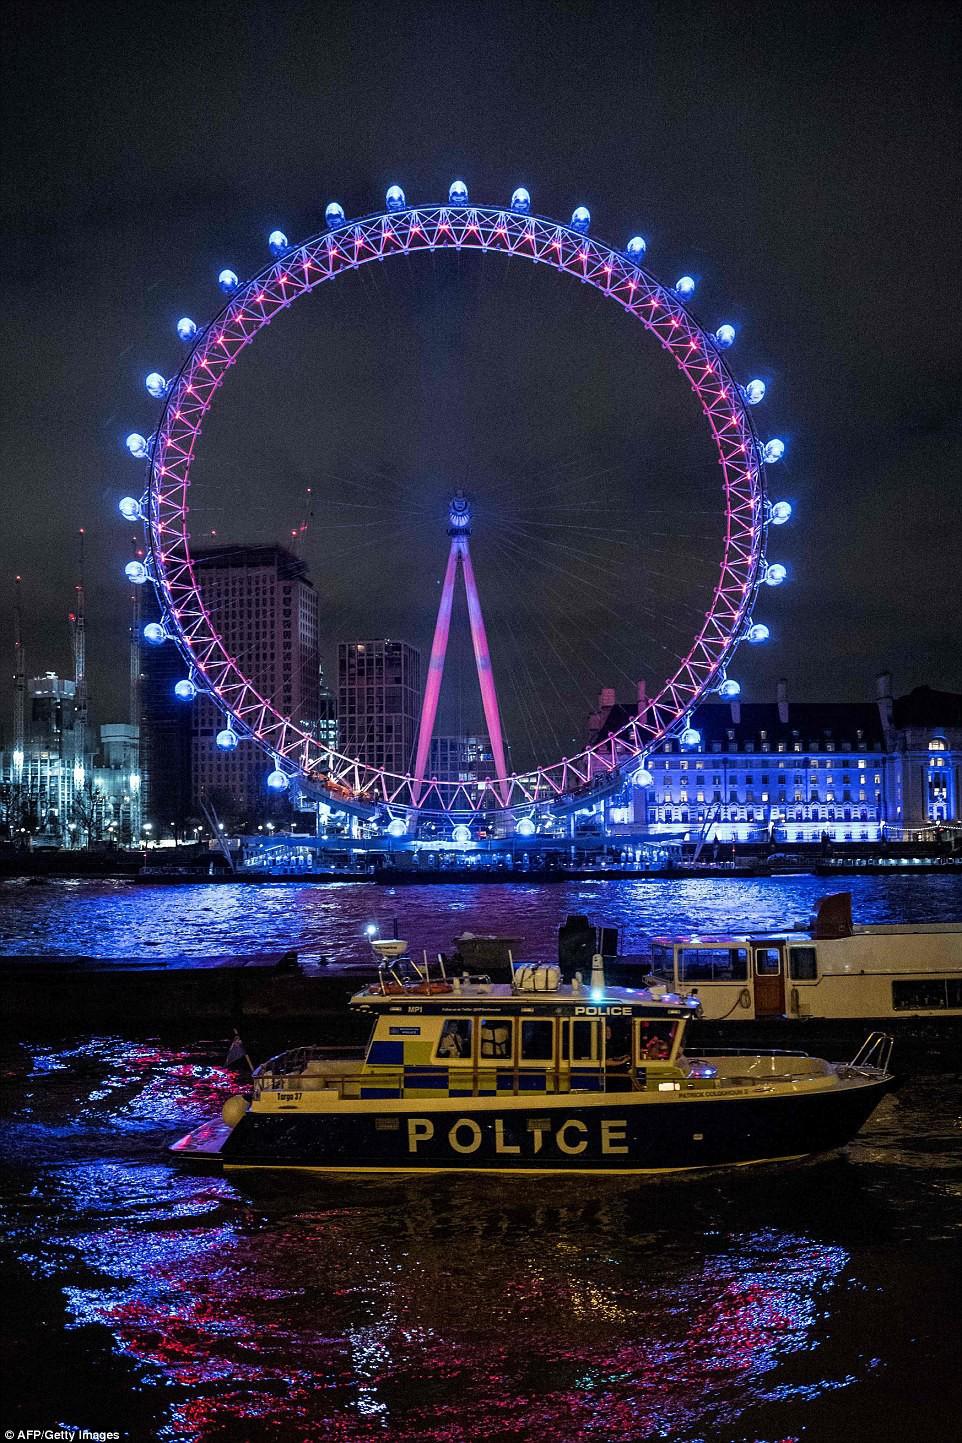 Chùm ảnh: Năm mới 2018 hân hoan trên toàn châu Âu, bầu trời London, Paris ngập tràn pháo hoa rực rỡ - Ảnh 9.